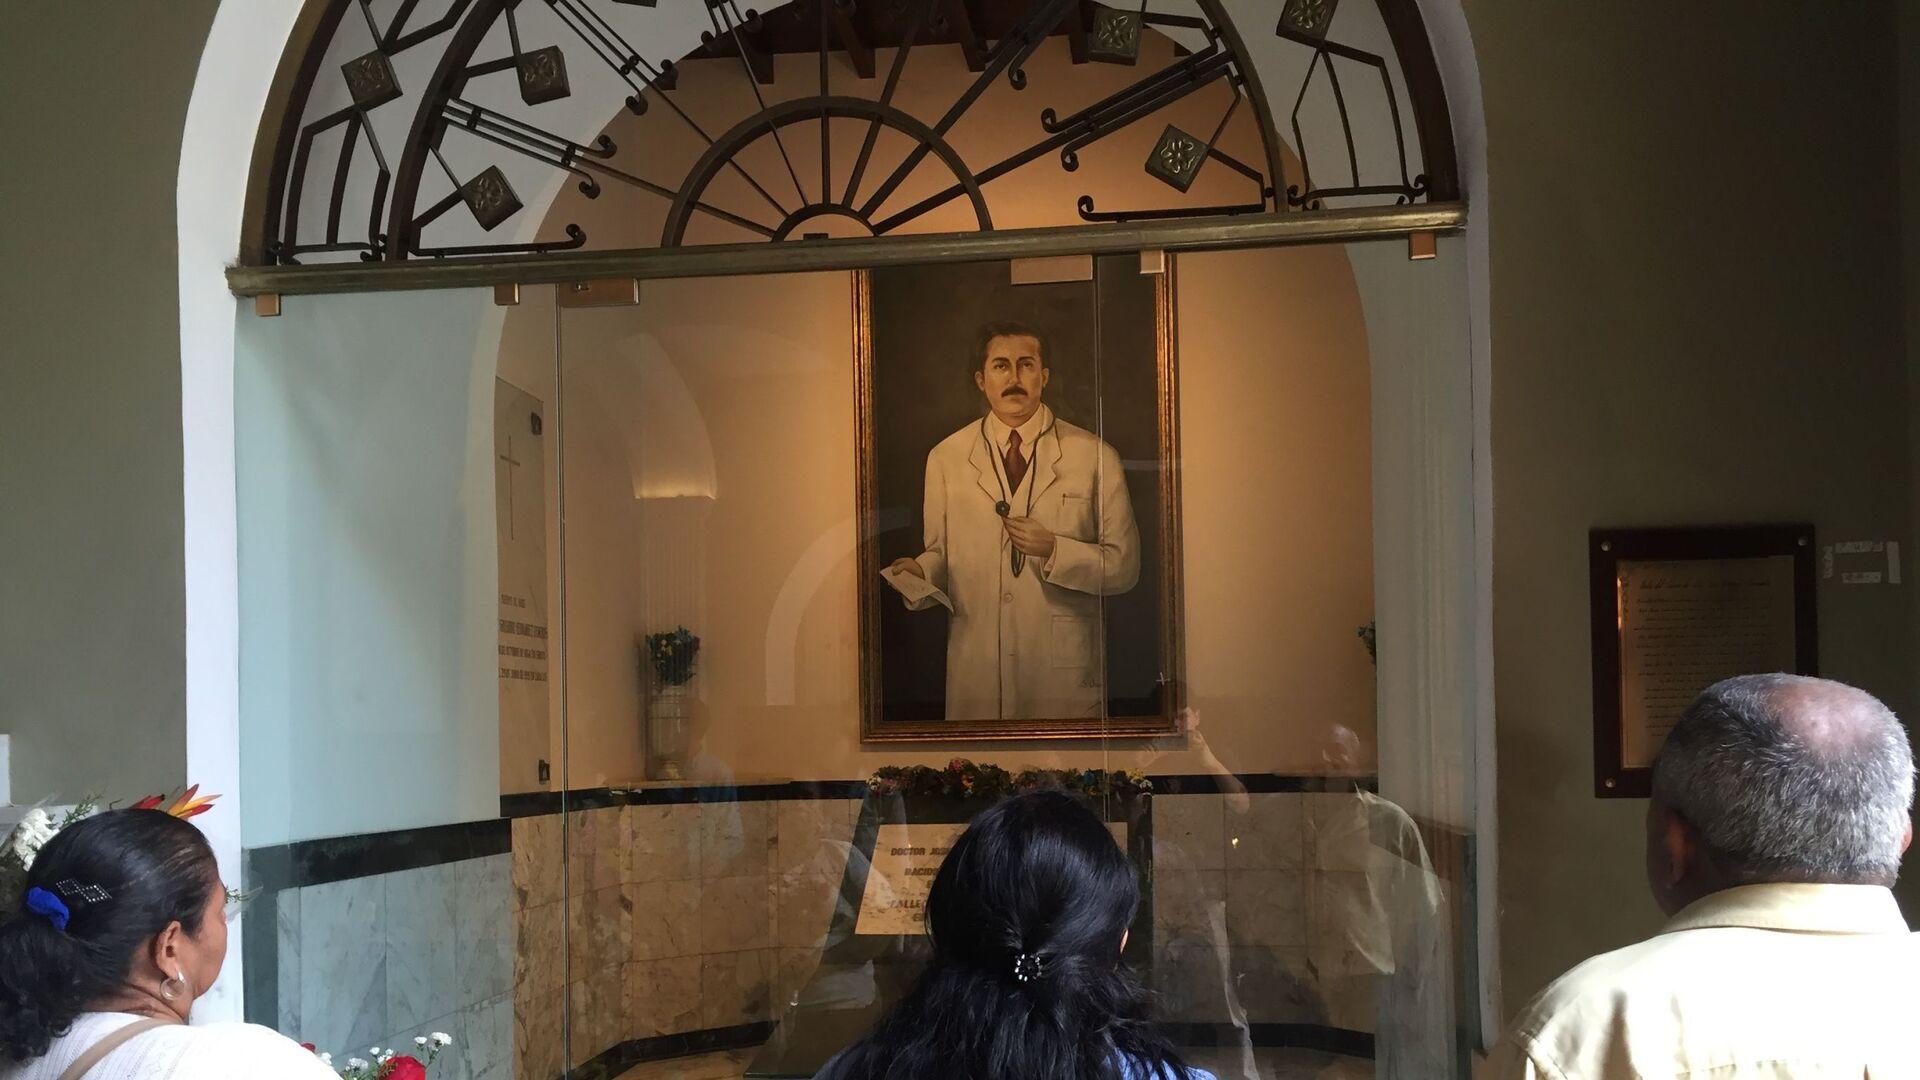 Tumba de José Gregorio Hernández en la Iglesia de Nuestra Señora de la Candelaria - Sputnik Mundo, 1920, 24.03.2021